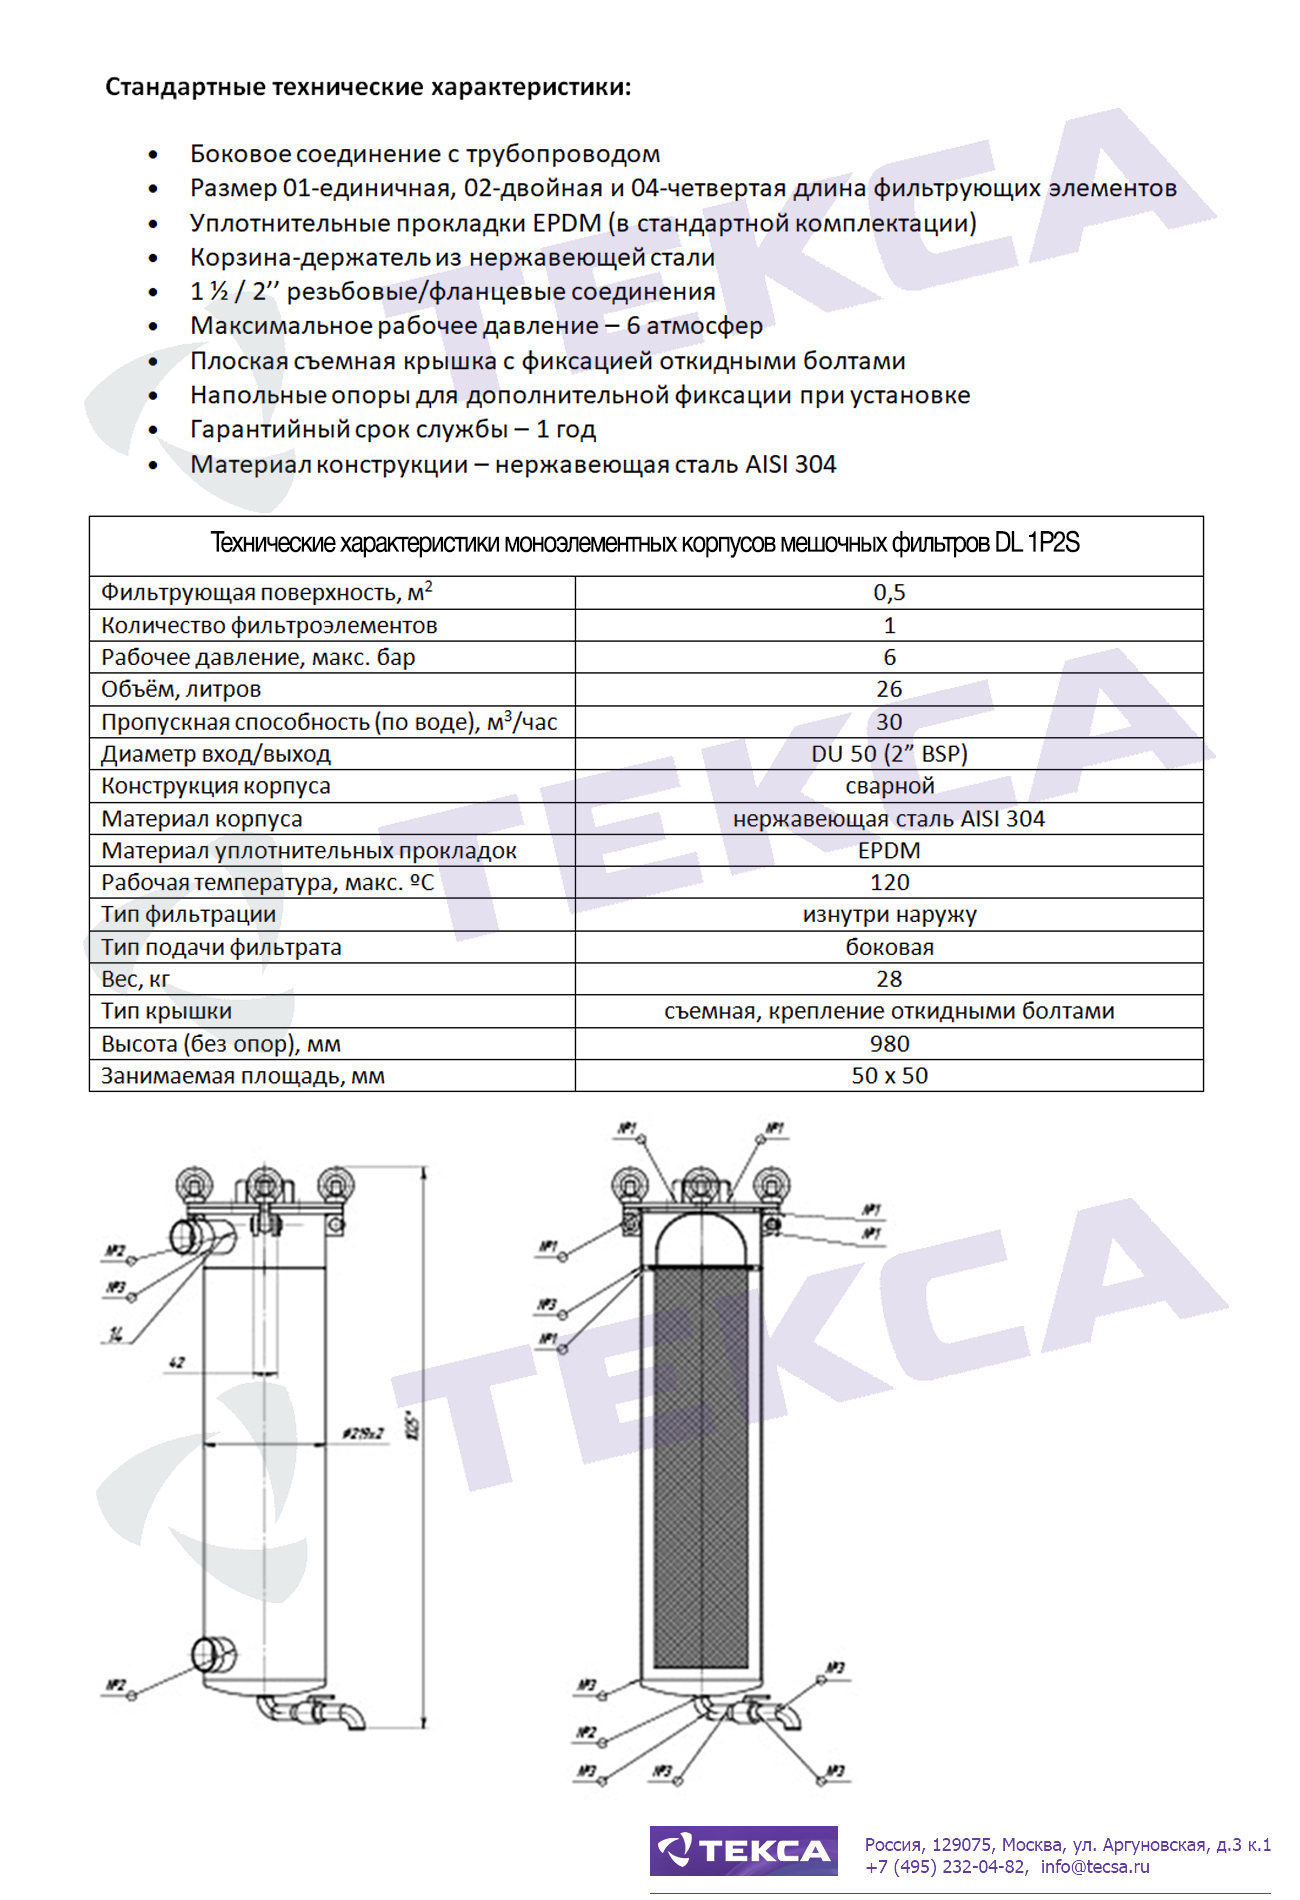 Технические характеристики моноэлементных корпусов мешочных фильтров серии DL модель 1P2S